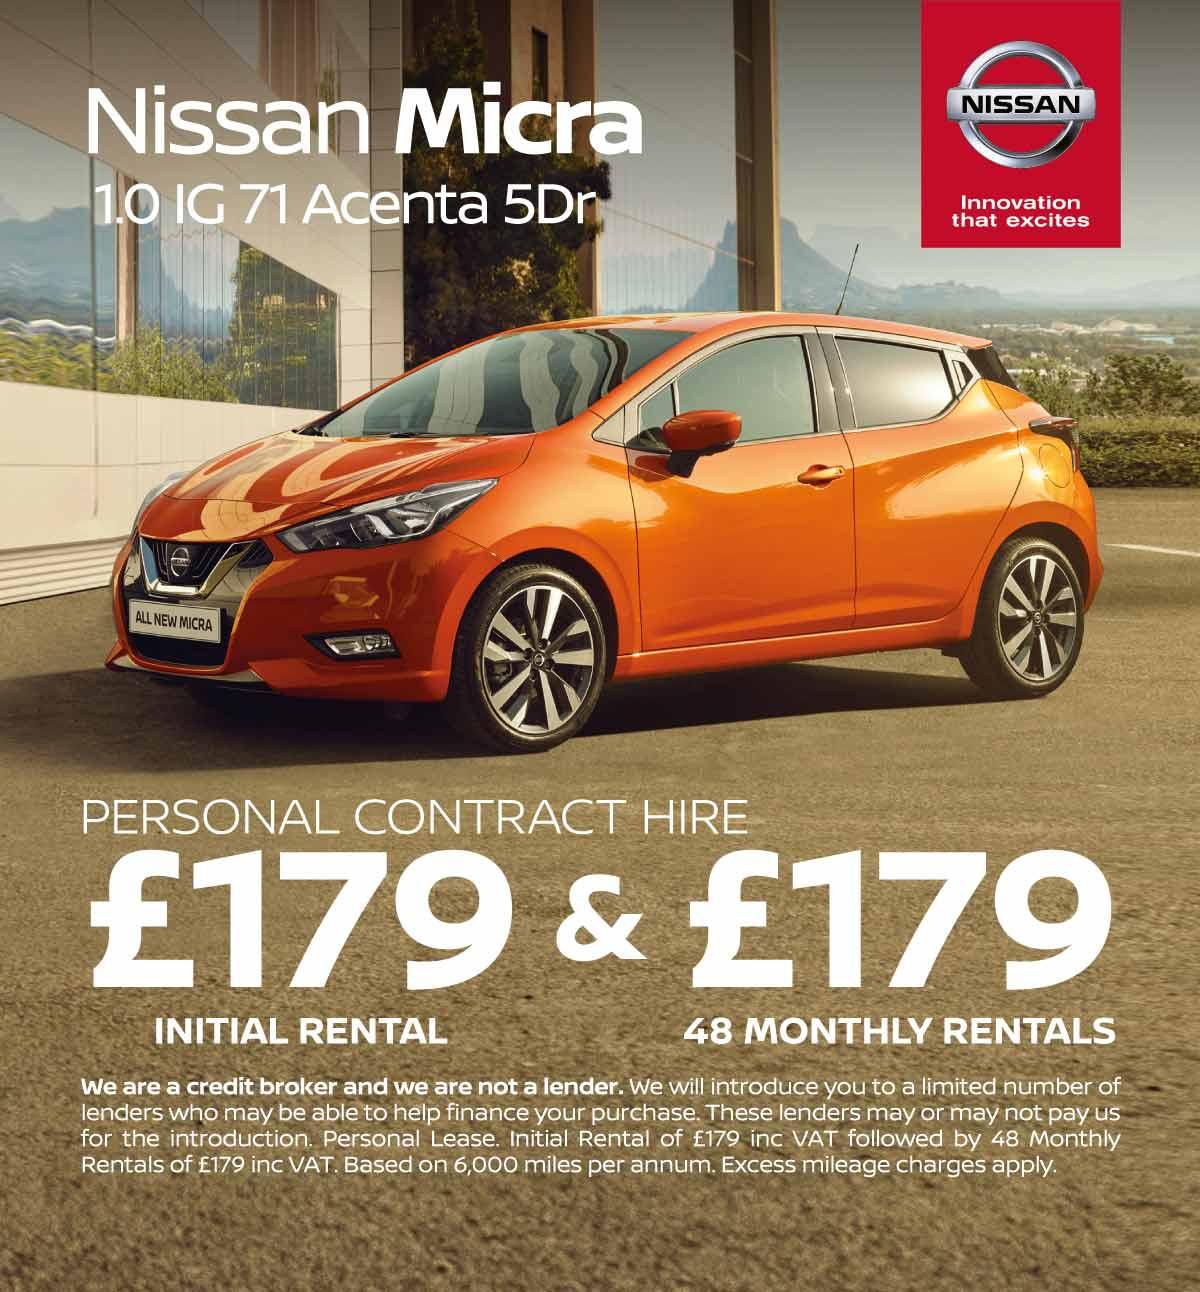 New Nissan Cars Bristol Street Motors